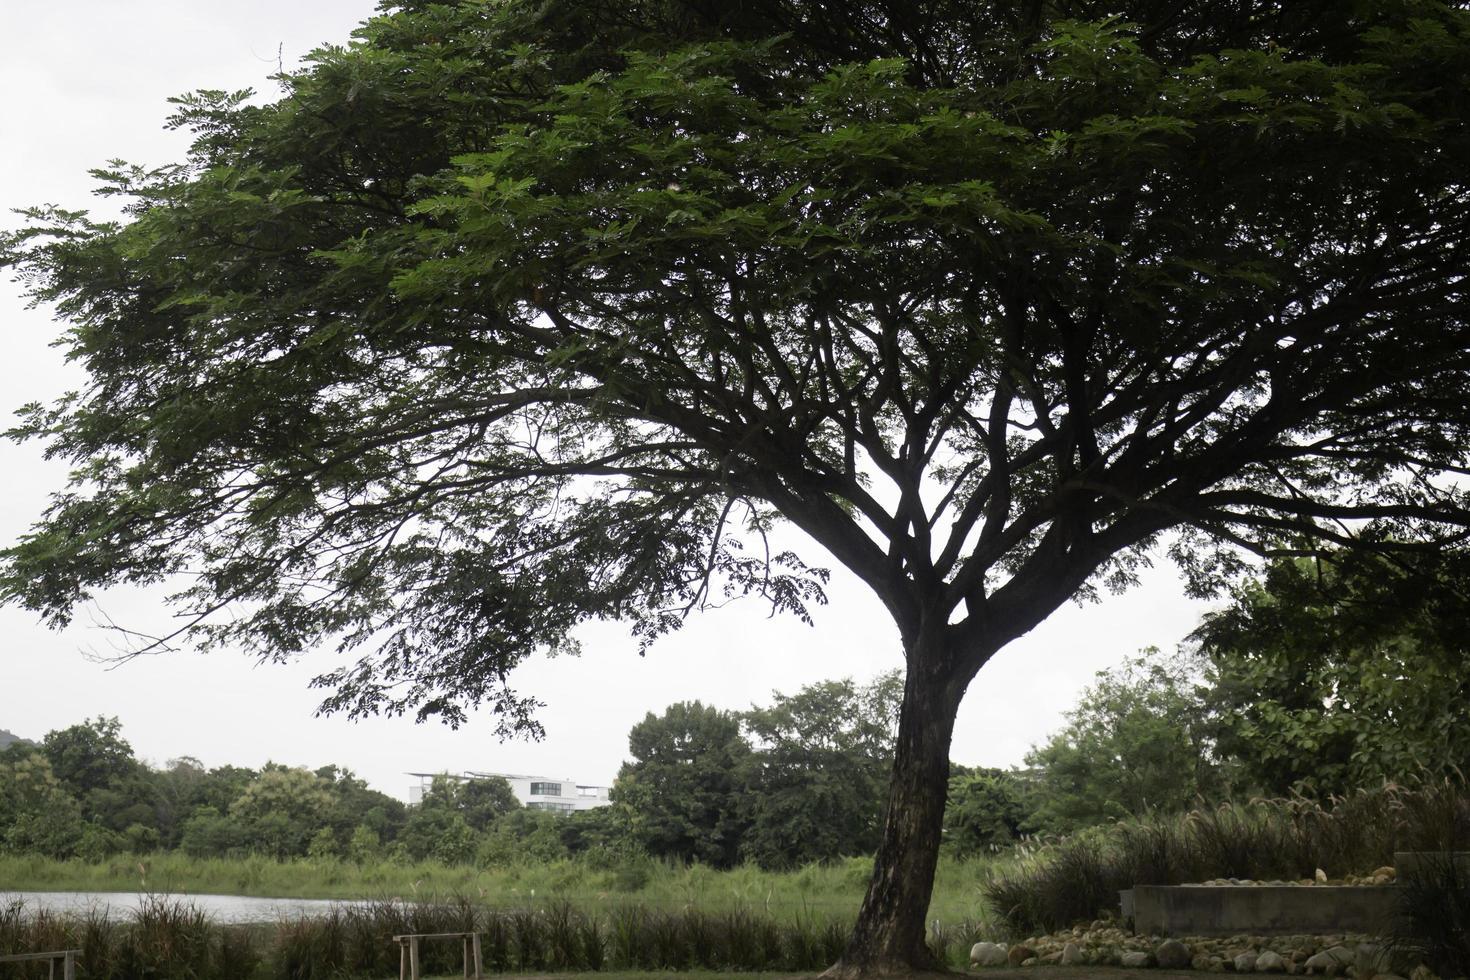 arbre vert dans le champ d & # 39; été photo